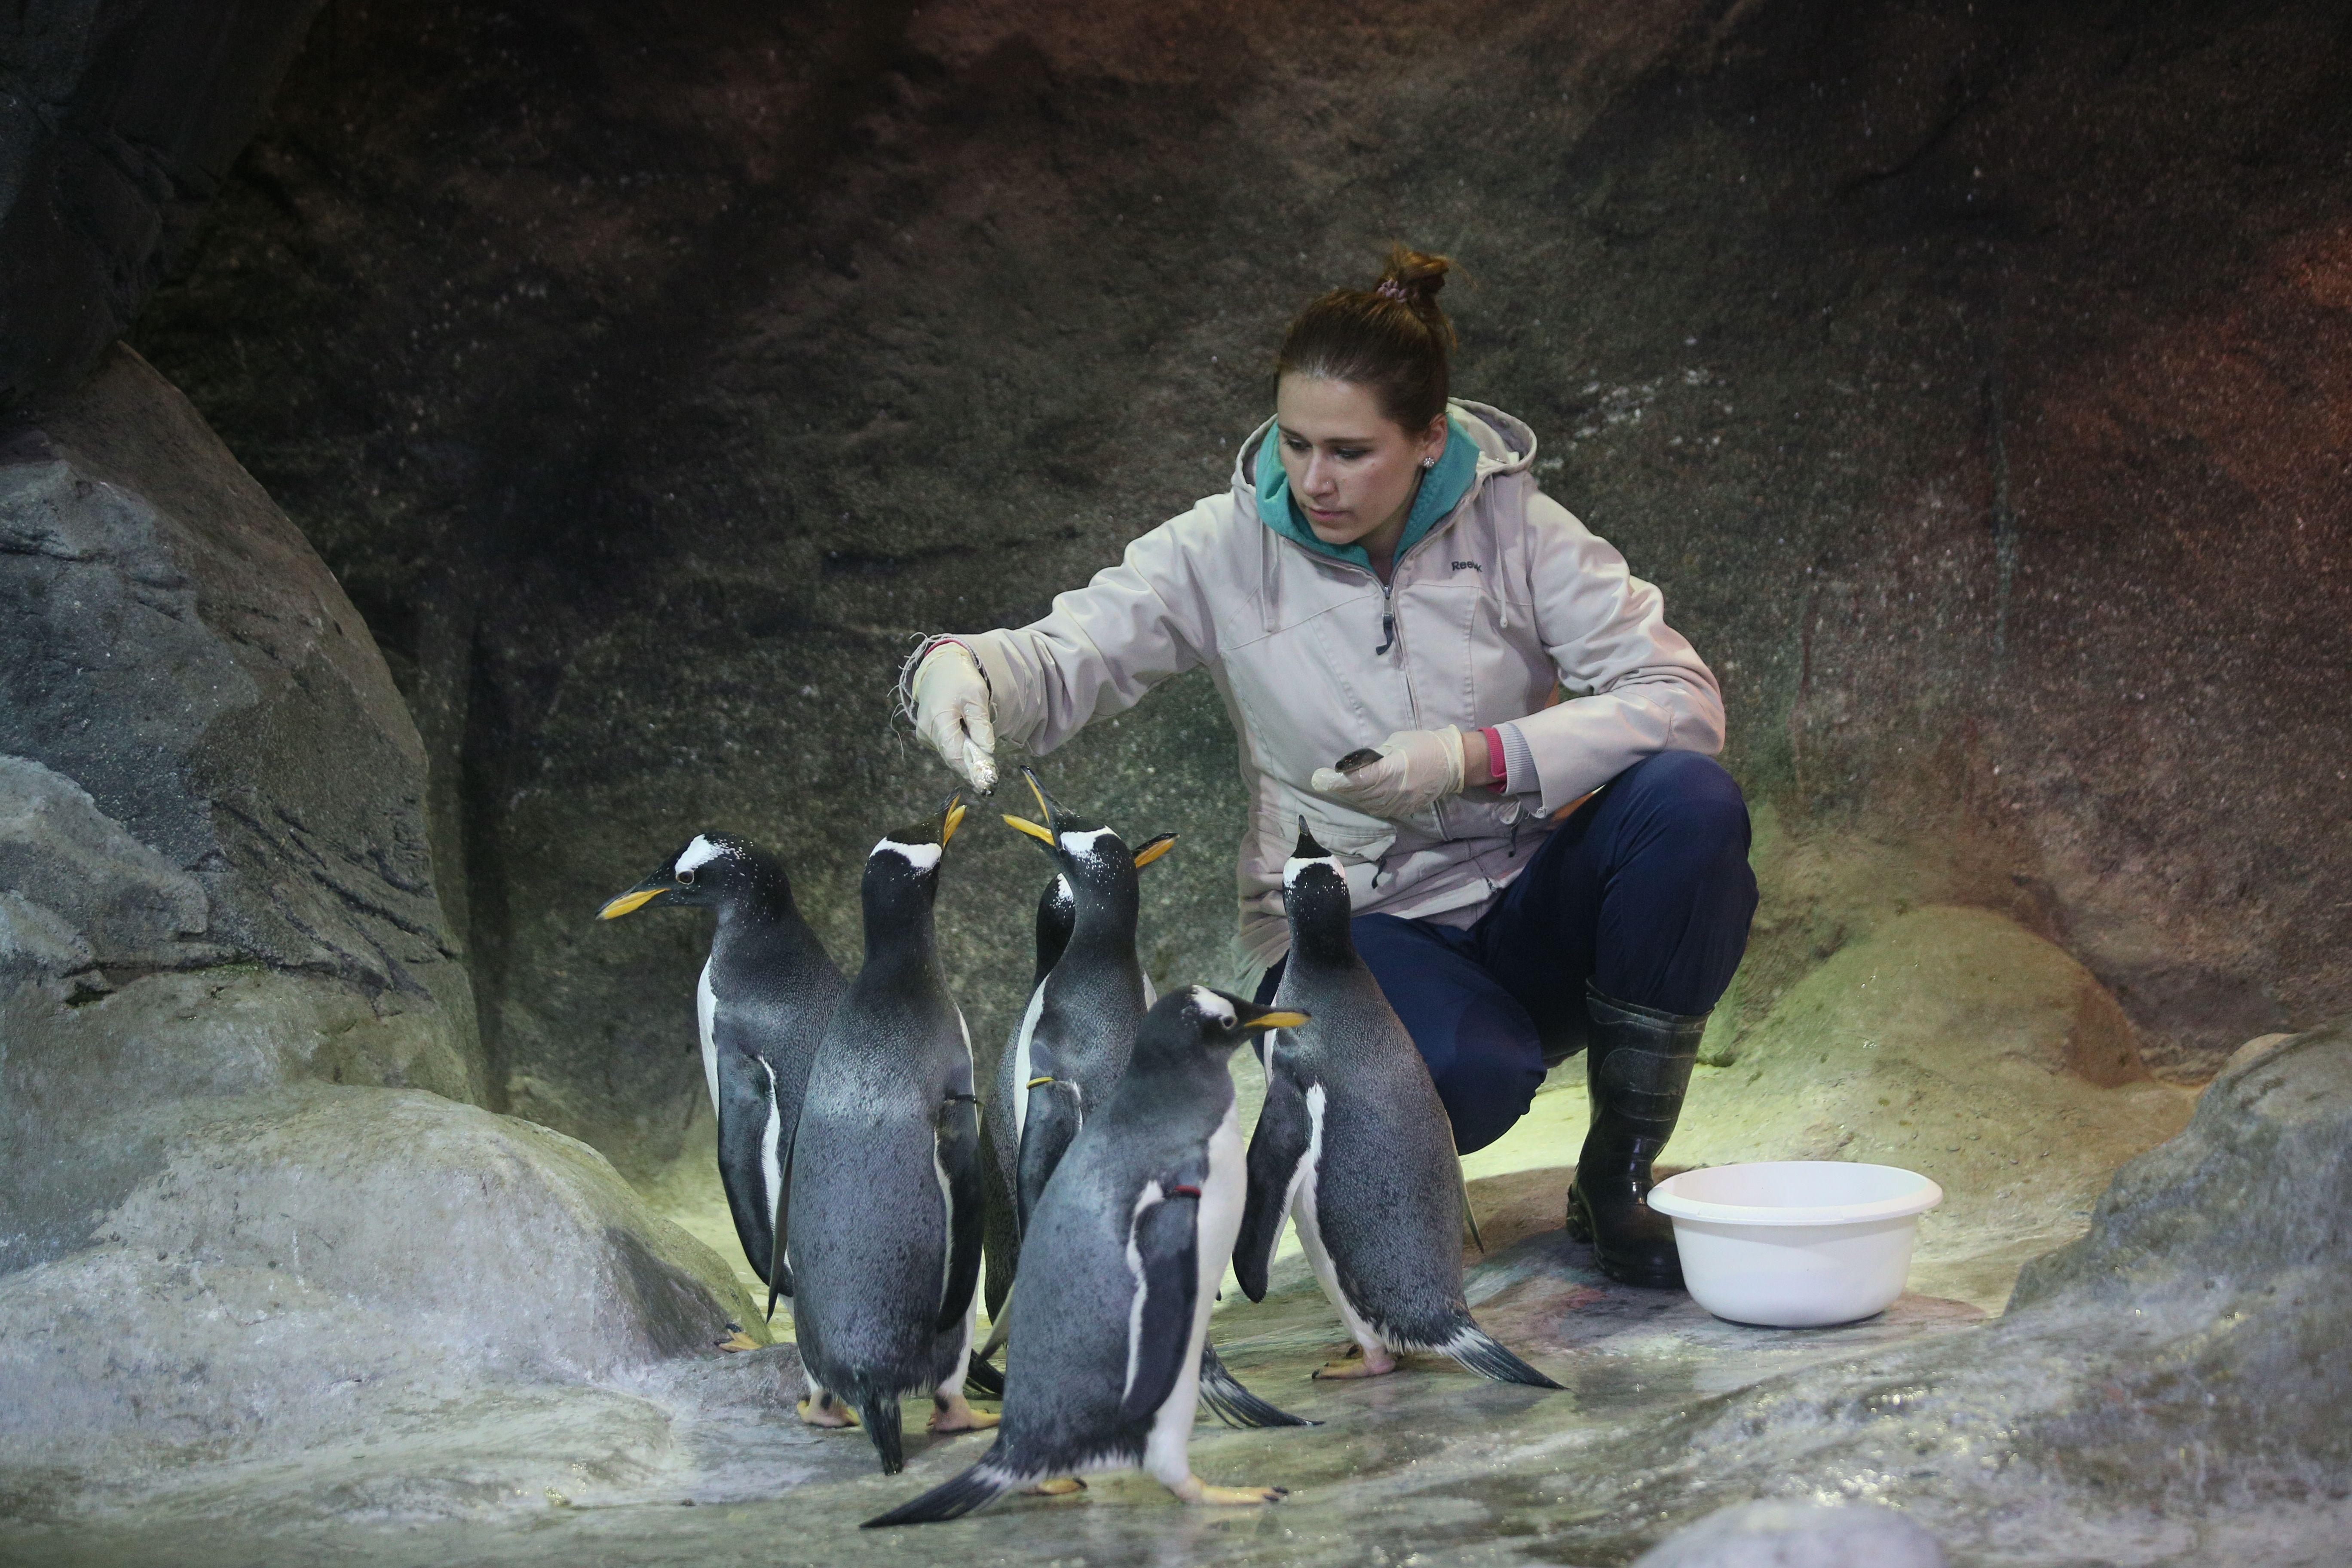 Московский зоопарк запустил онлайн-трансляции из вольеров